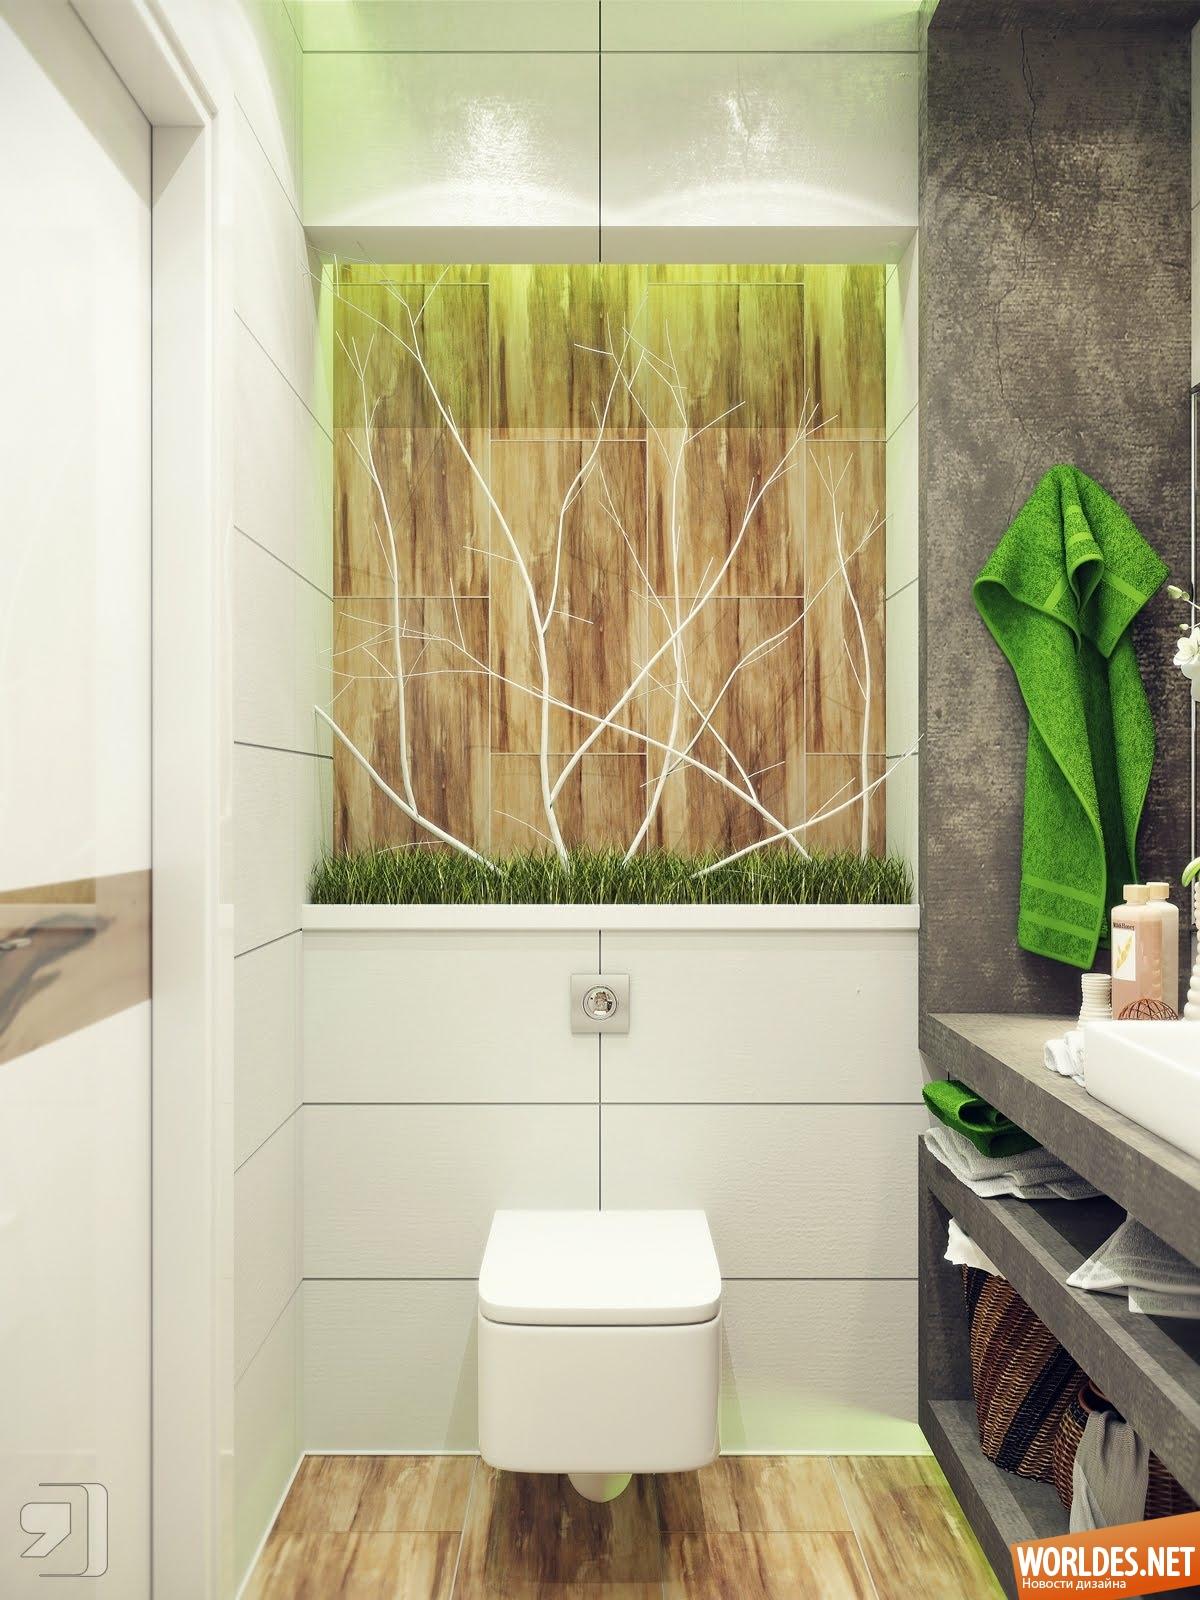 Дизайн интерьера маленькой ванной комнаты идеи интерьера